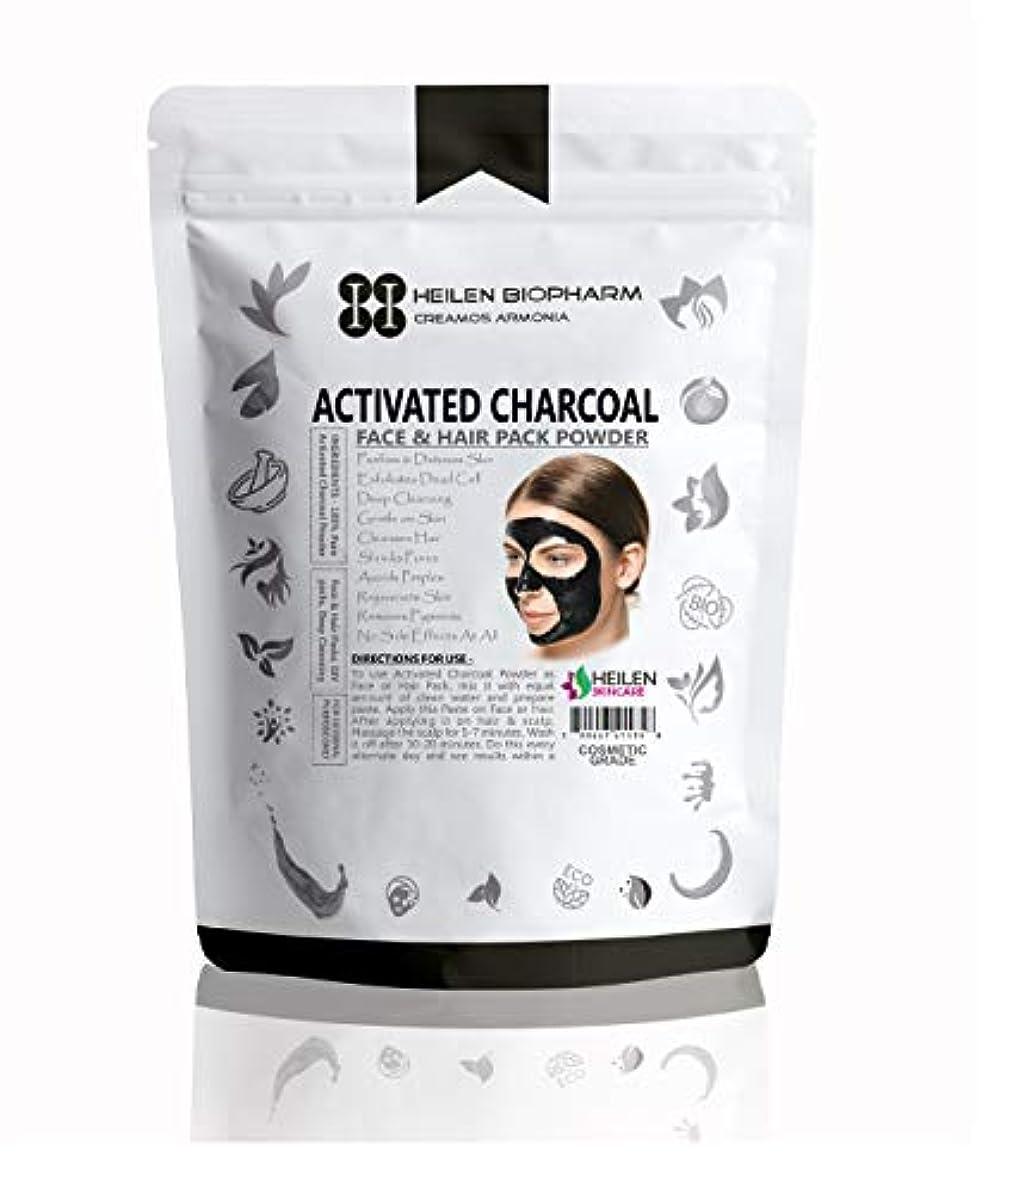 読む彼は比べる活性化チャコールパウダー(フェイスパック用)(Activated Charcoal Powder for Face Pack) (200 gm / 7 oz / 0.44 lb)